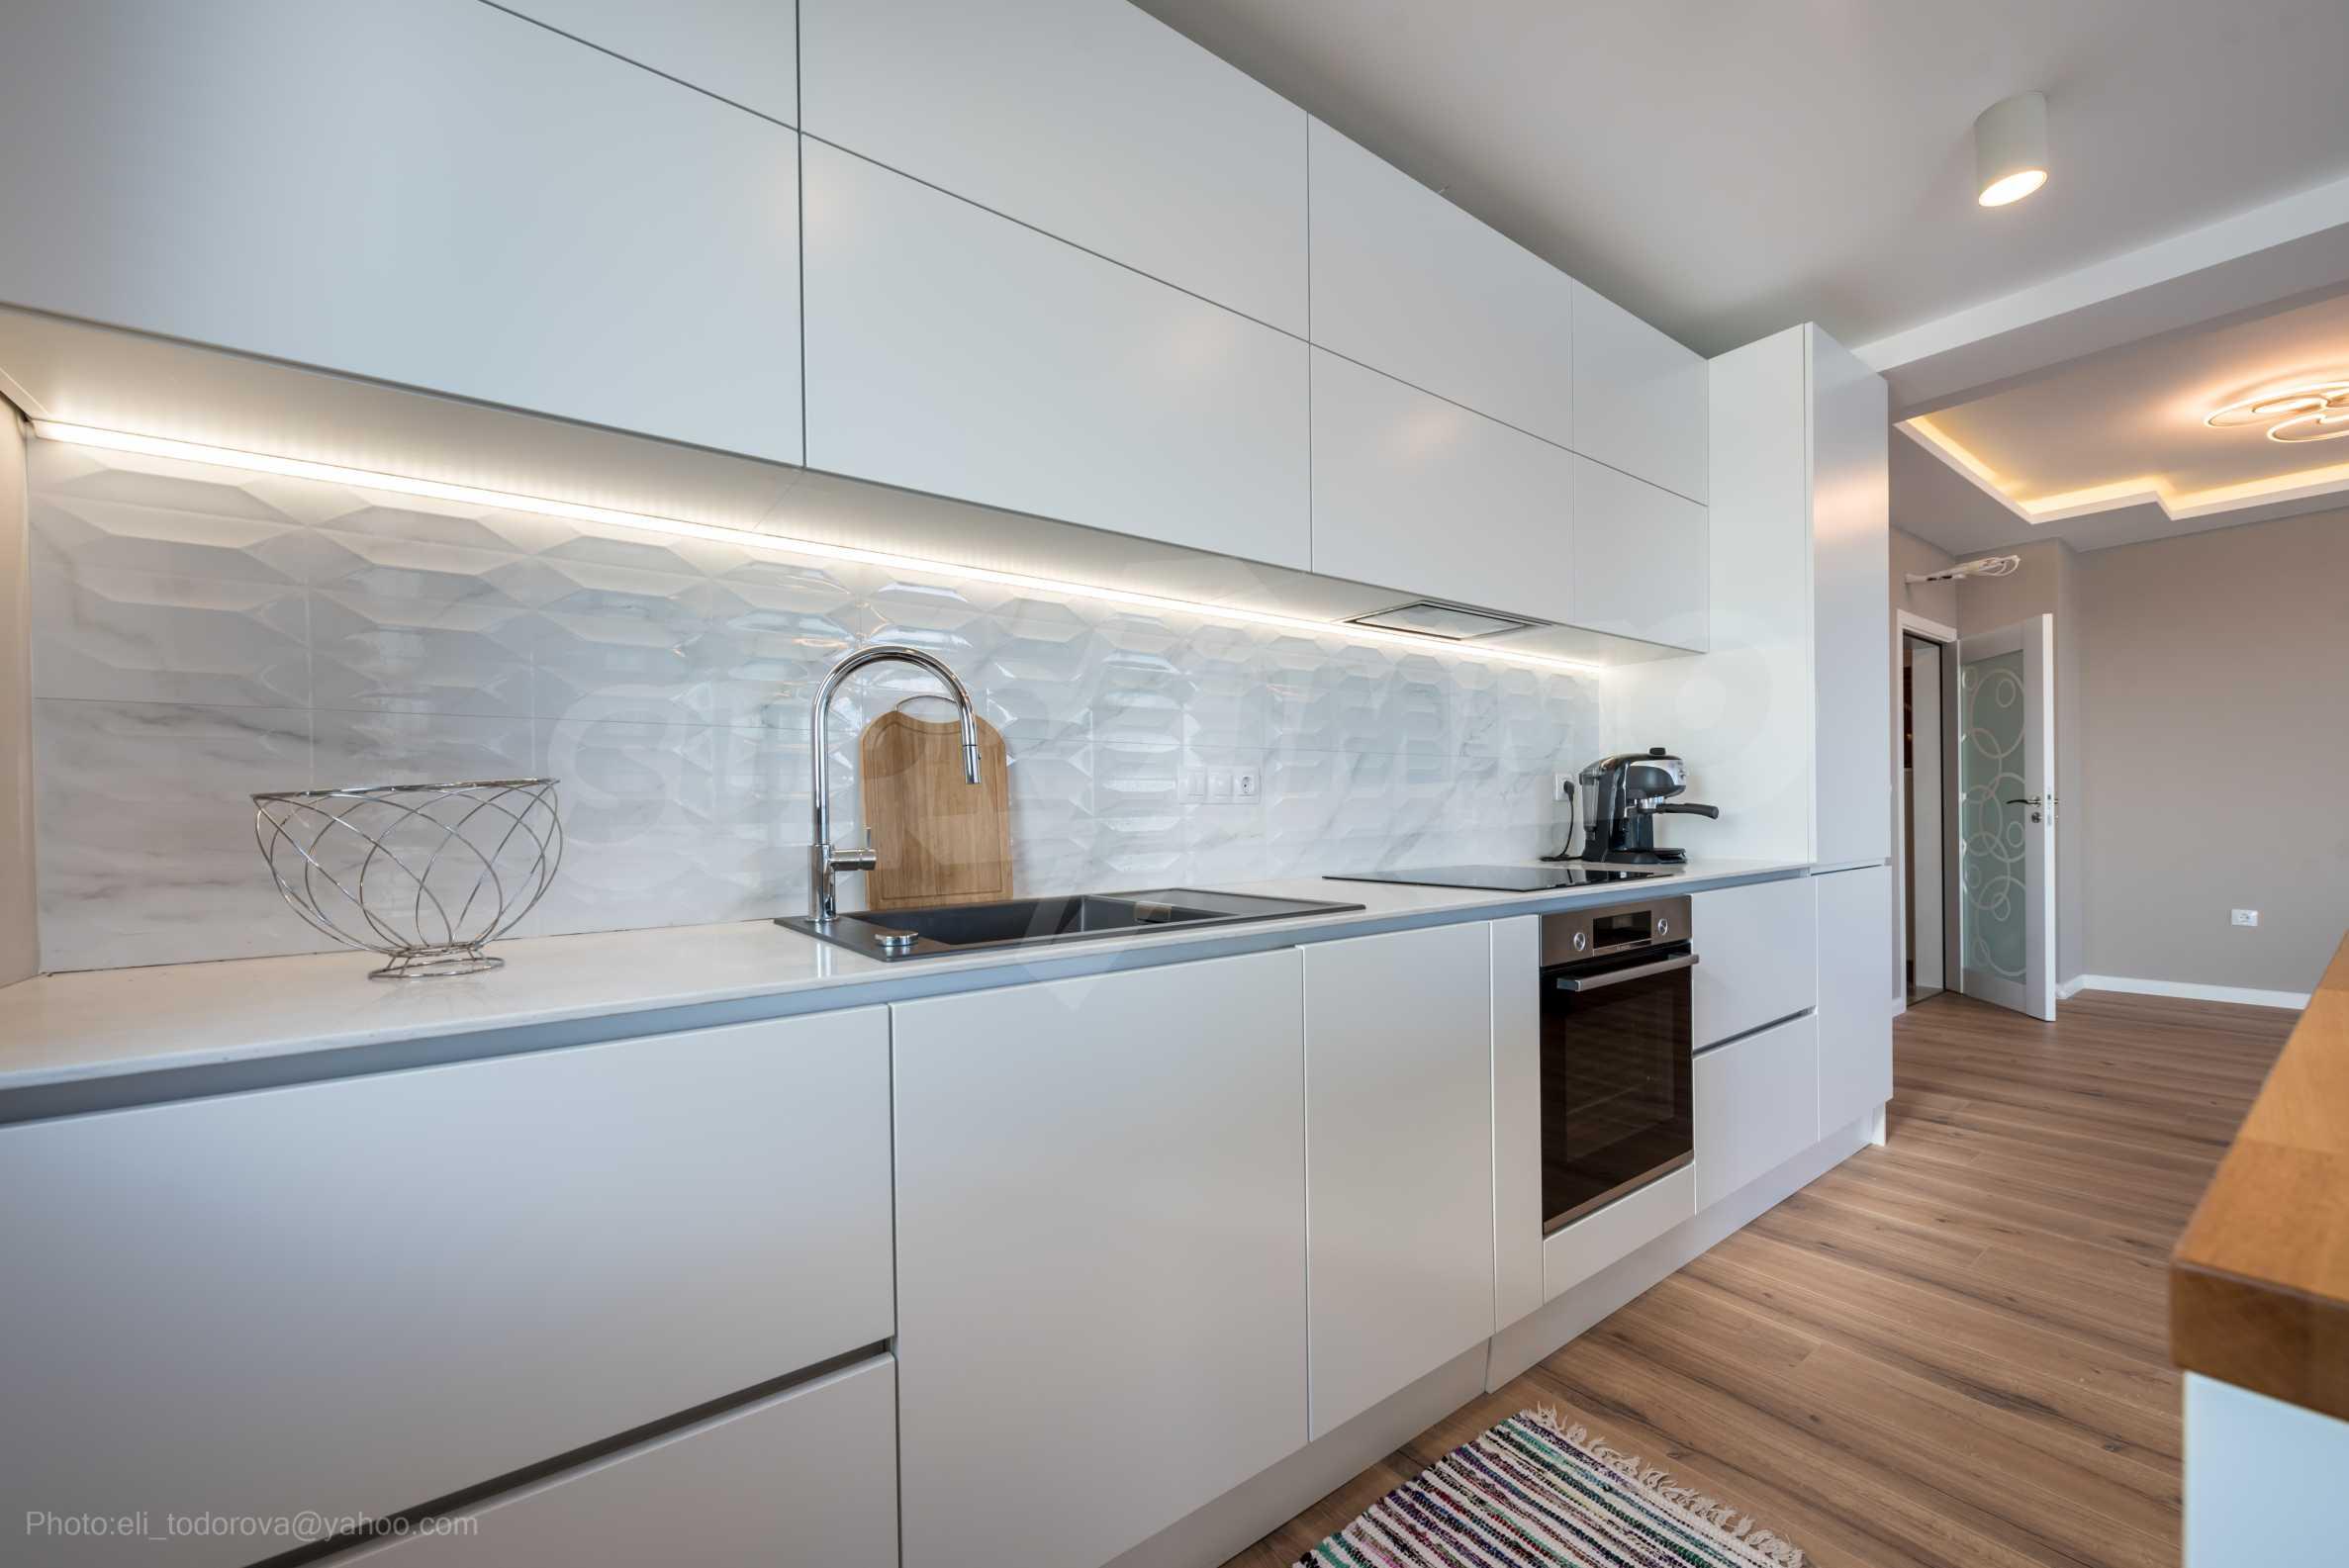 Апартамент Елеганс Вю - тристаен имот с уникална гледка към морето 11